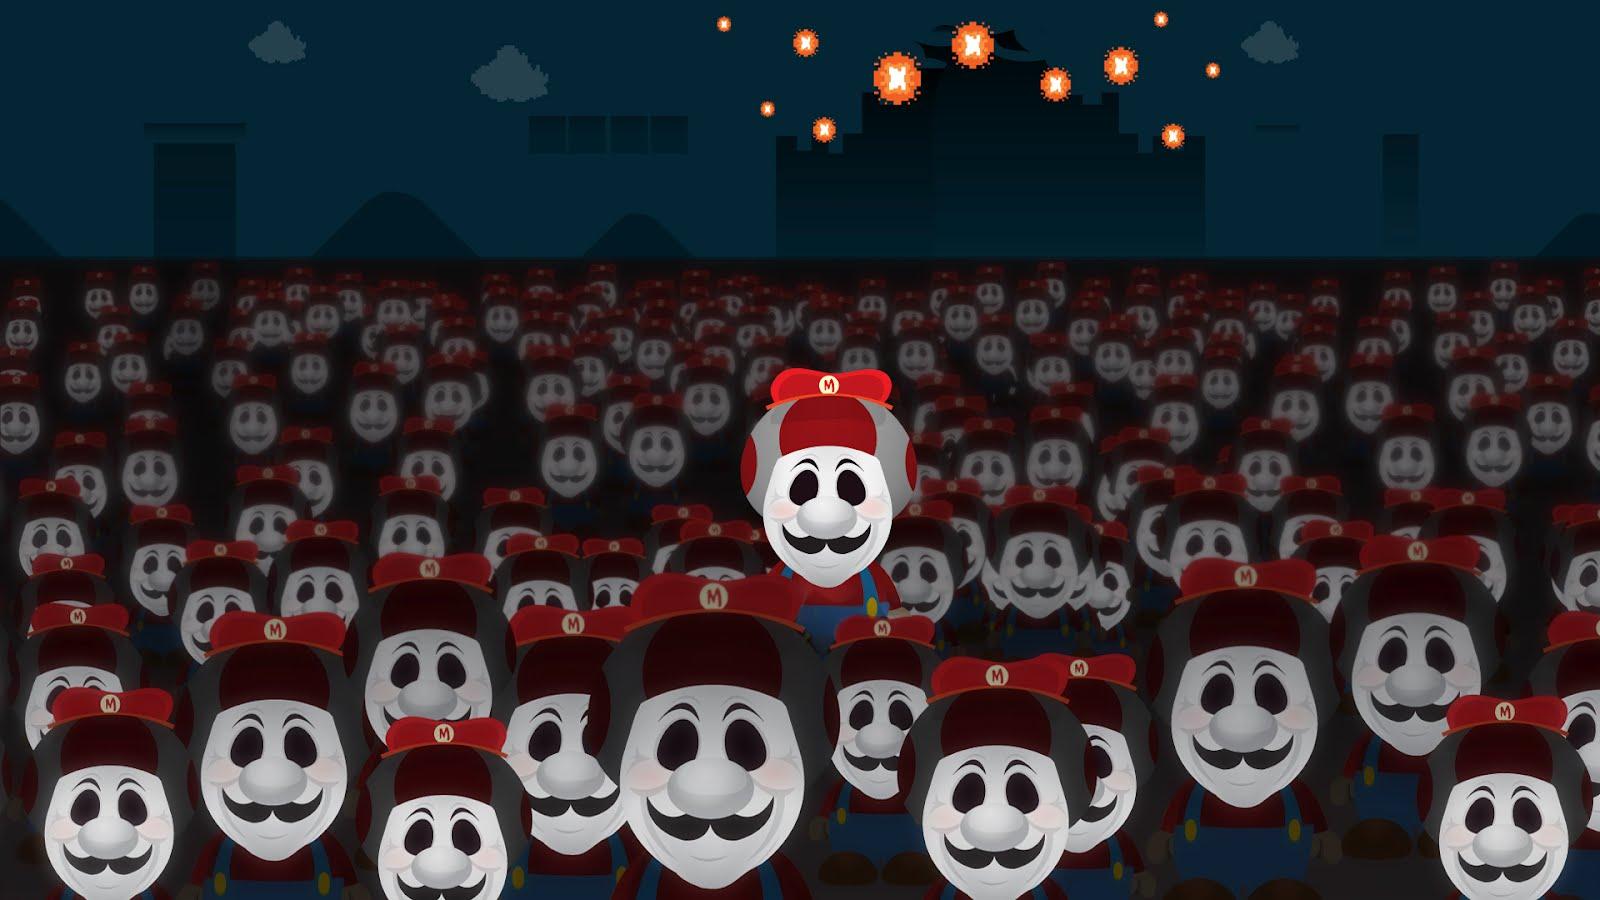 Les délires du net - Page 5 Mario